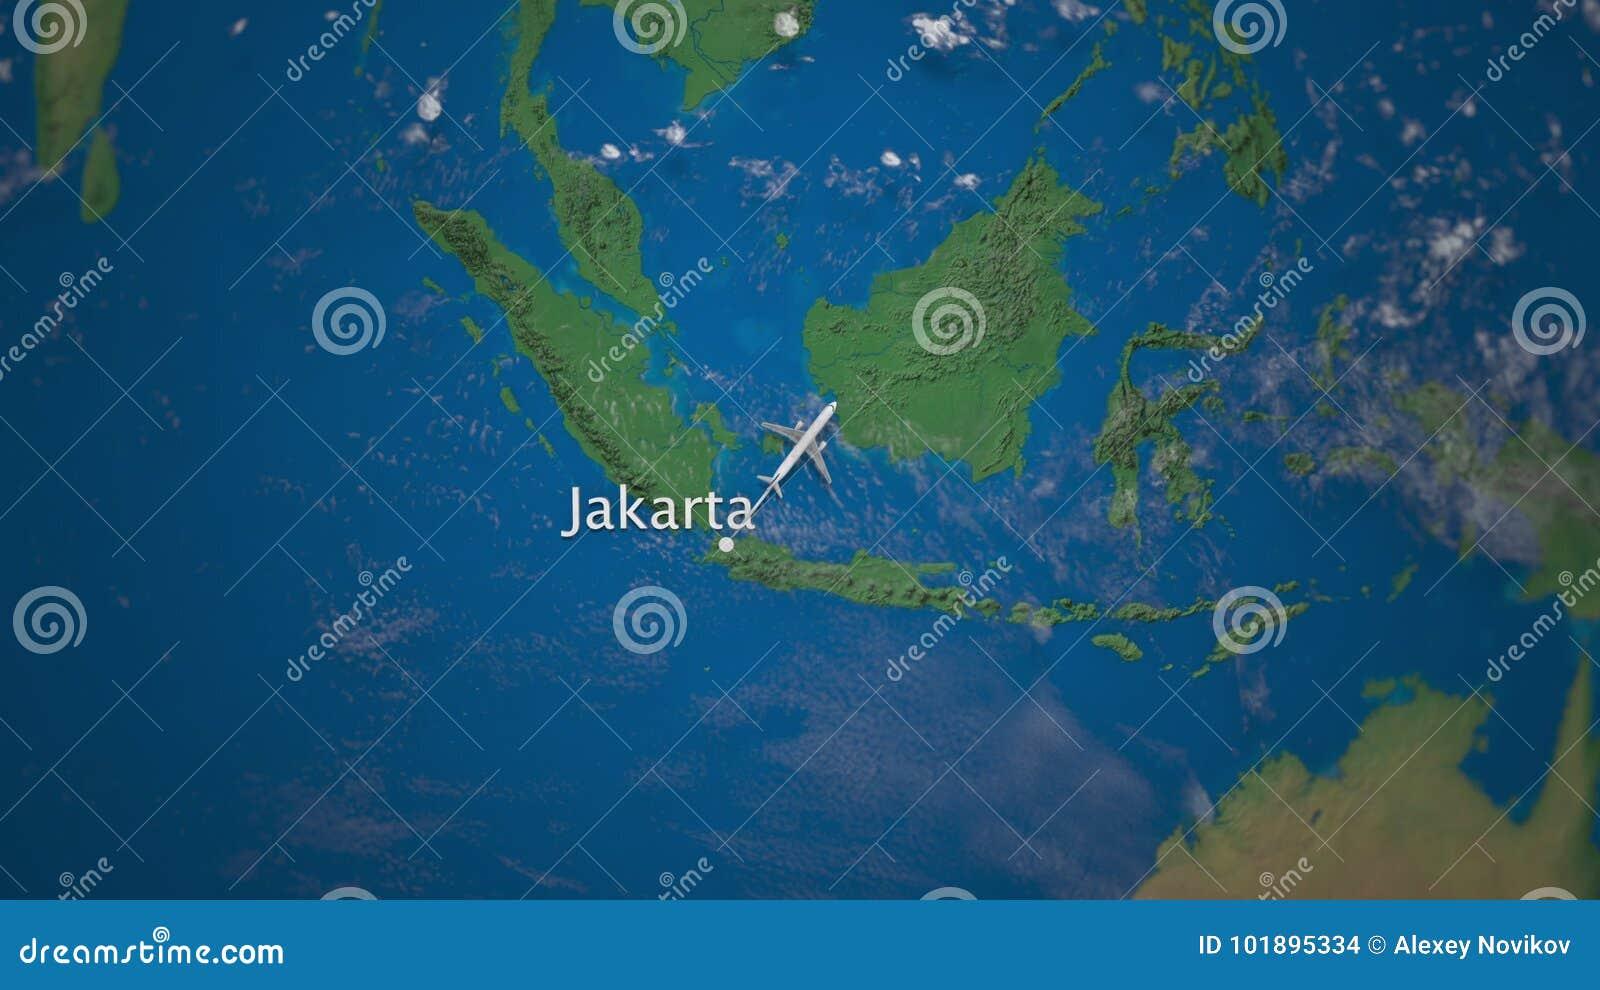 Διαδρομή του εμπορικού αεροπλάνου που πετά από την Τζακάρτα στο Τόκιο στη γήινη σφαίρα Διεθνής ζωτικότητα εισαγωγής ταξιδιού